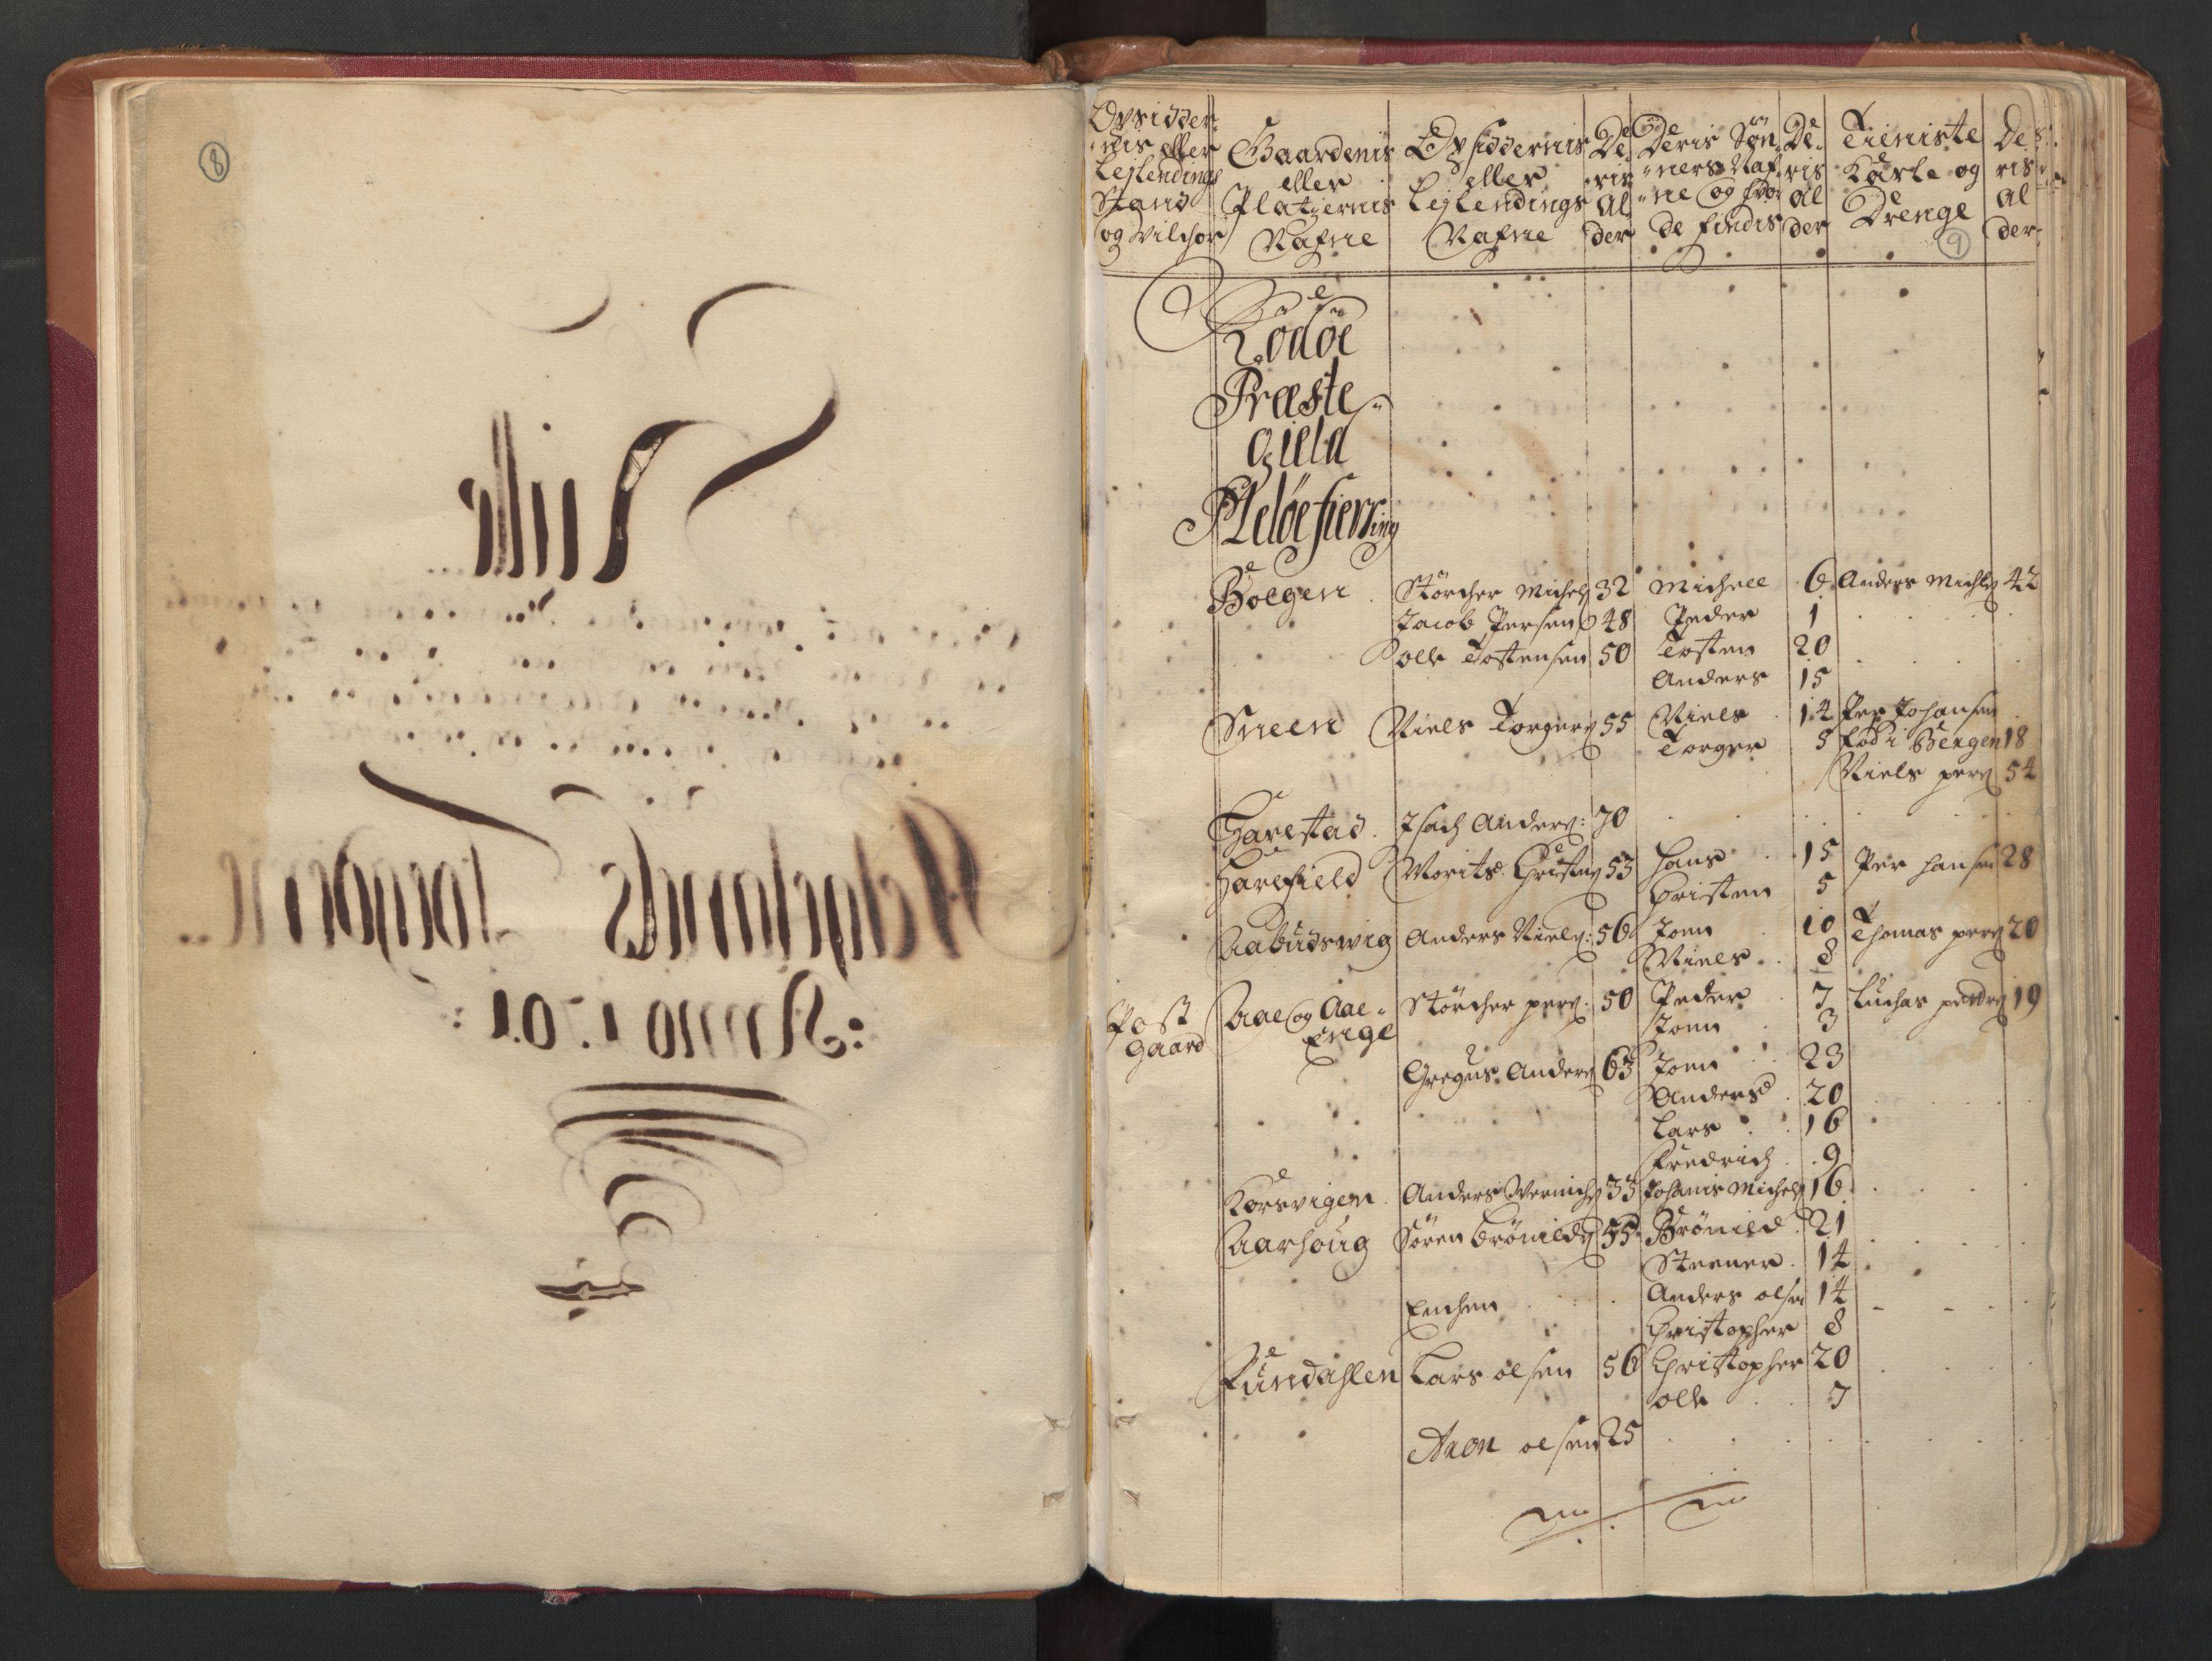 RA, Manntallet 1701, nr. 16: Helgeland fogderi, 1701, s. 8-9